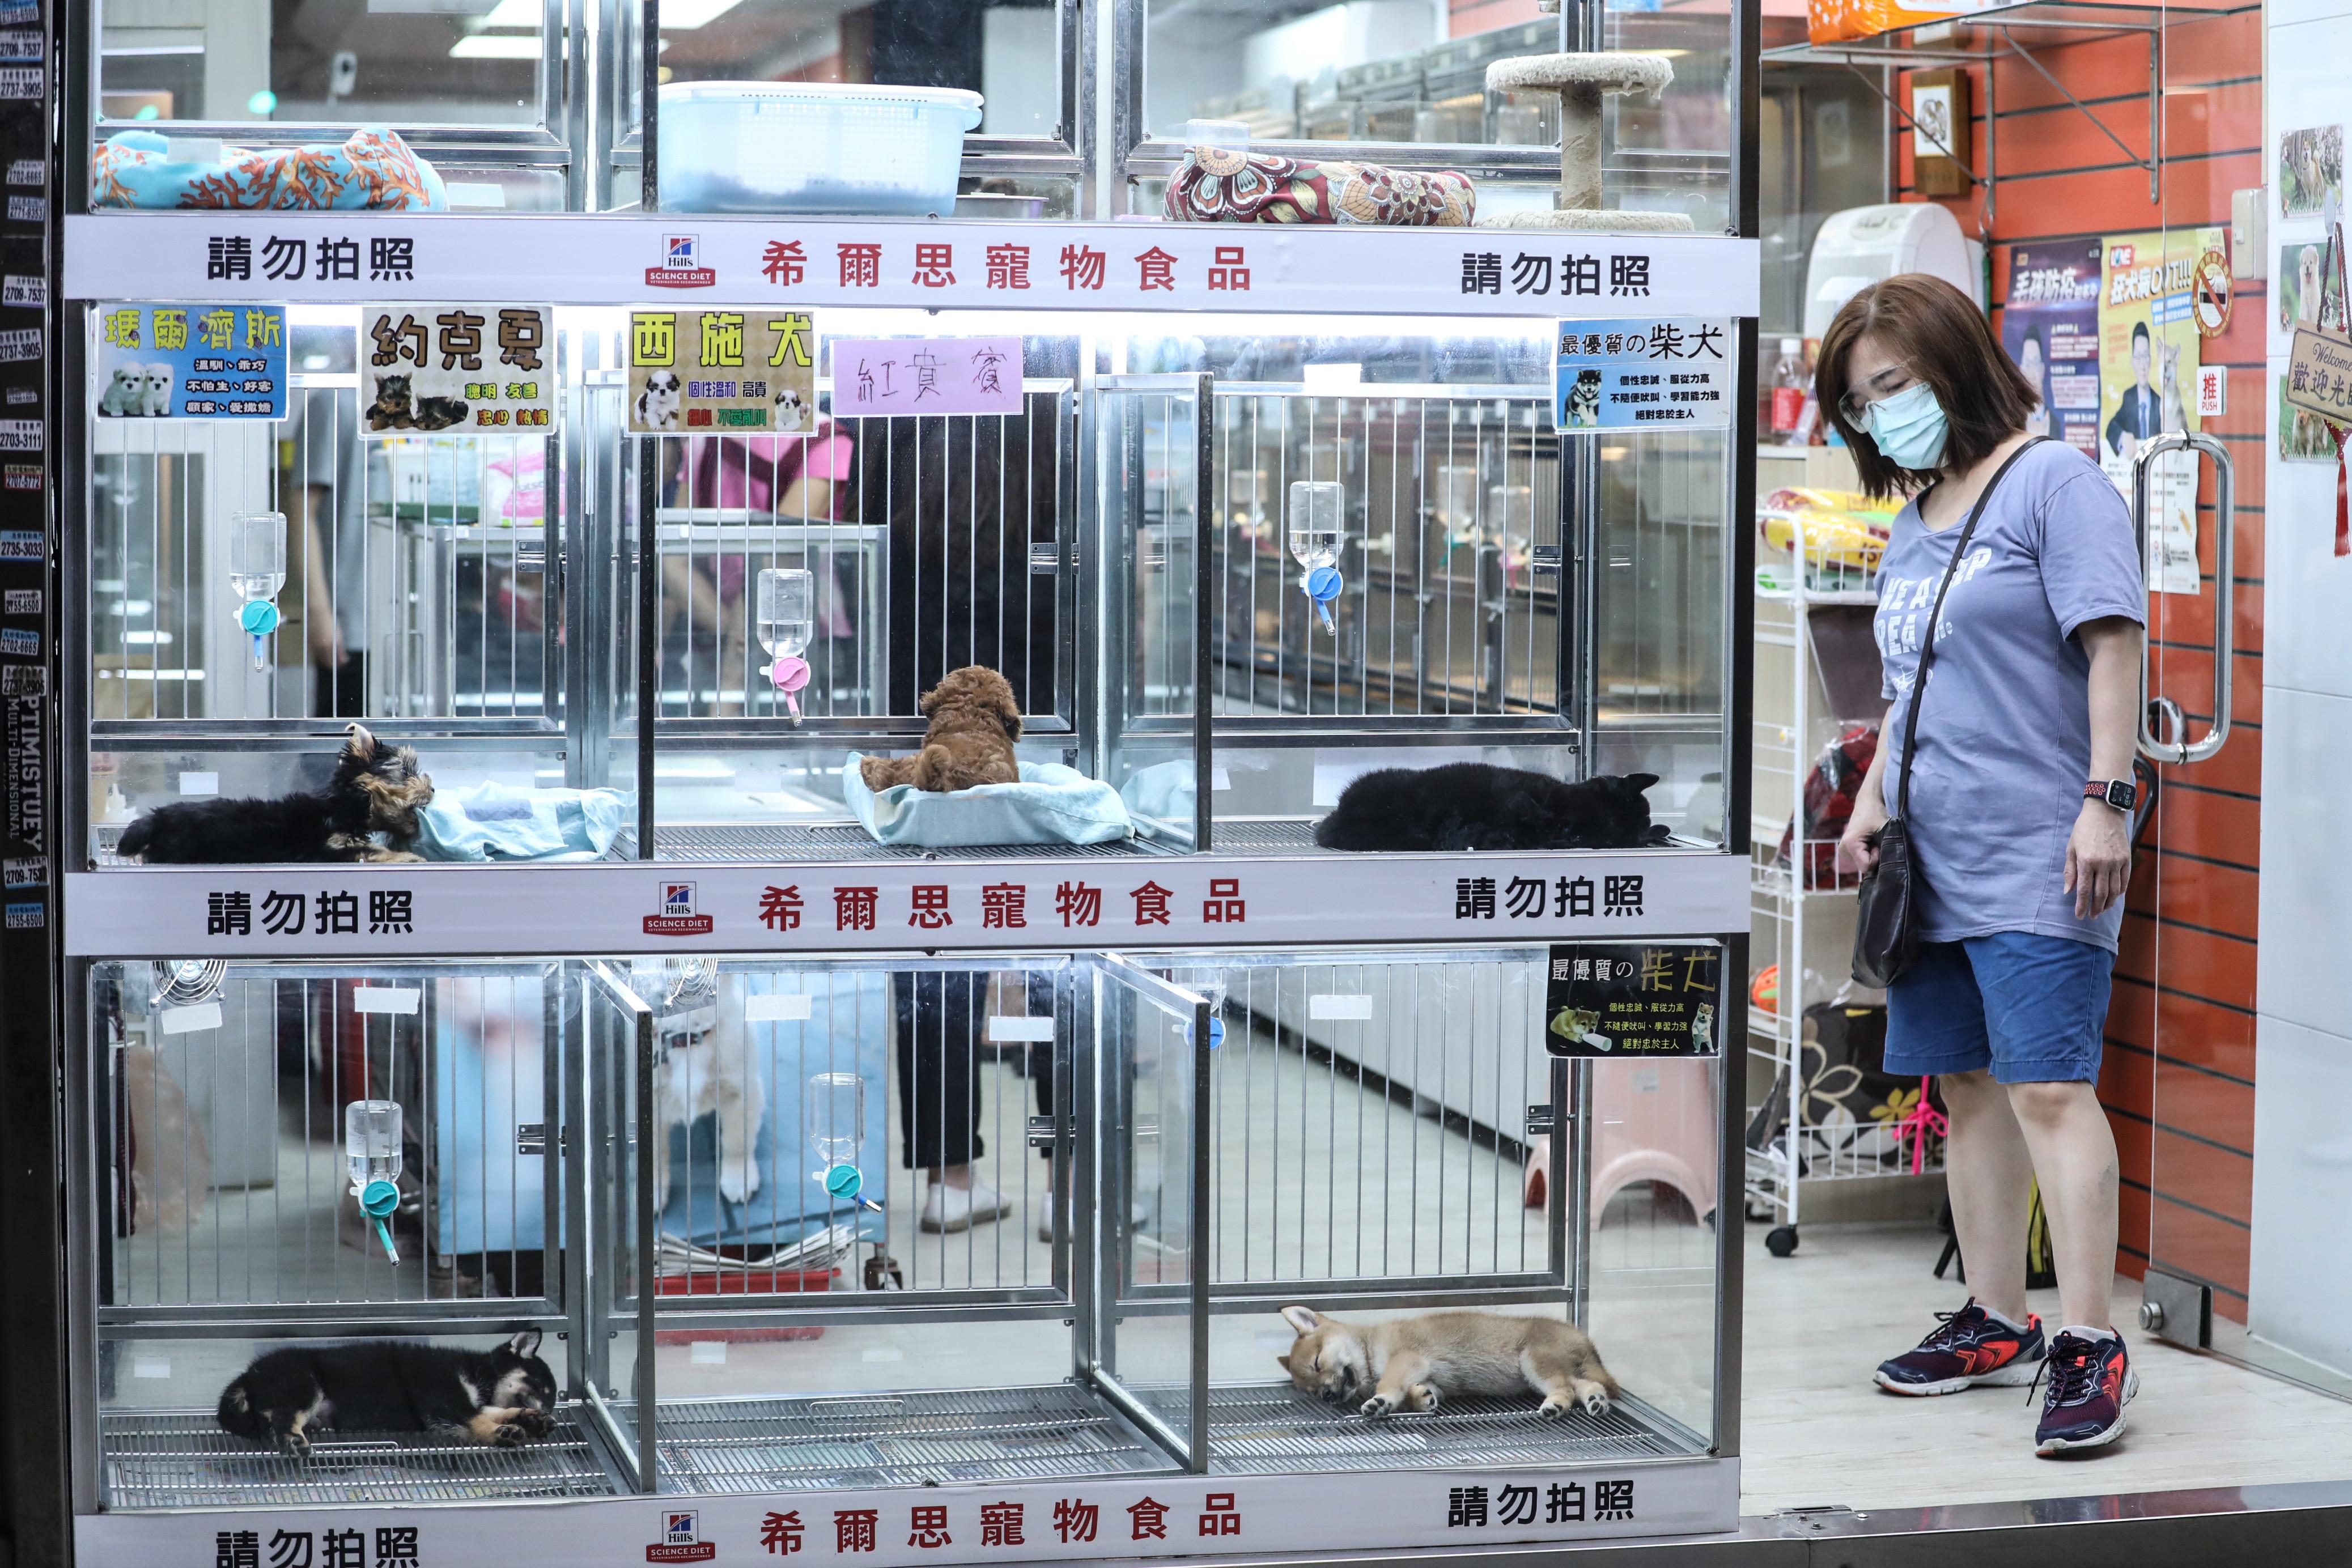 貓,走私,農委會,動物保護法,動物傳染病防治條例,陳吉仲,蘇貞昌,蔡英文,動保,檢疫,狂犬病